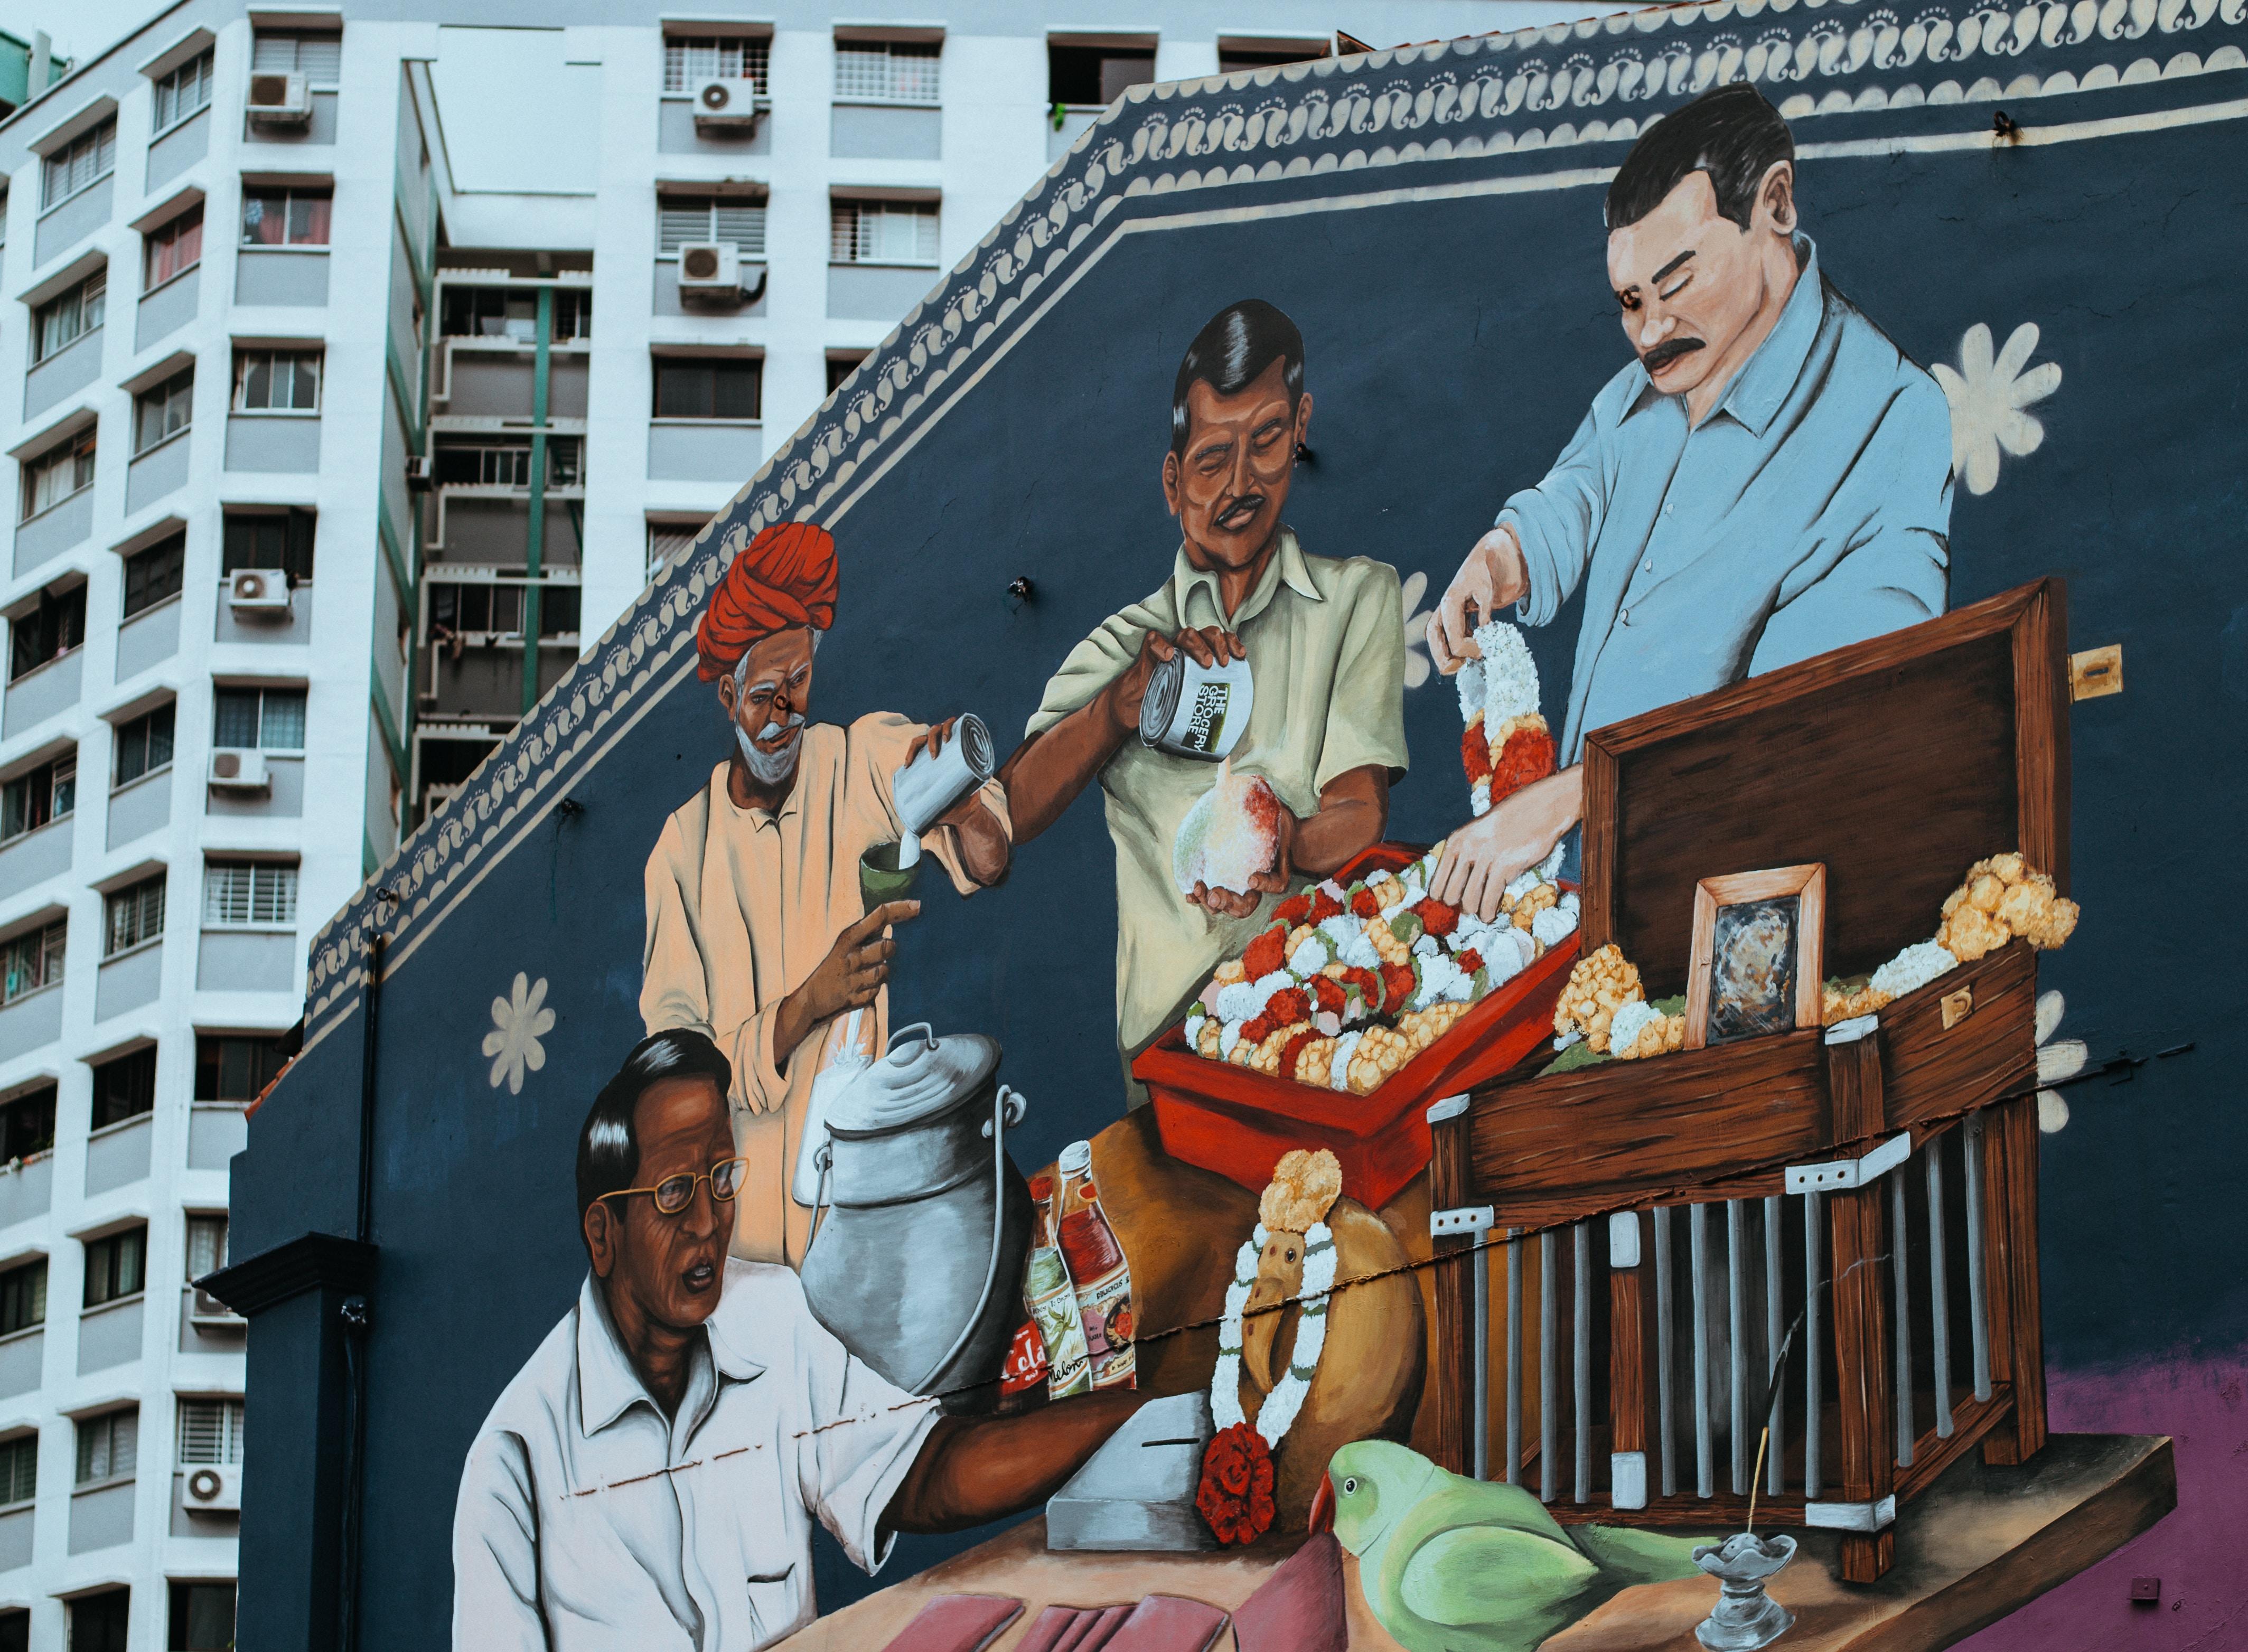 Graffiti mural of four men performing cultural ritual on urban building wall in Singapore